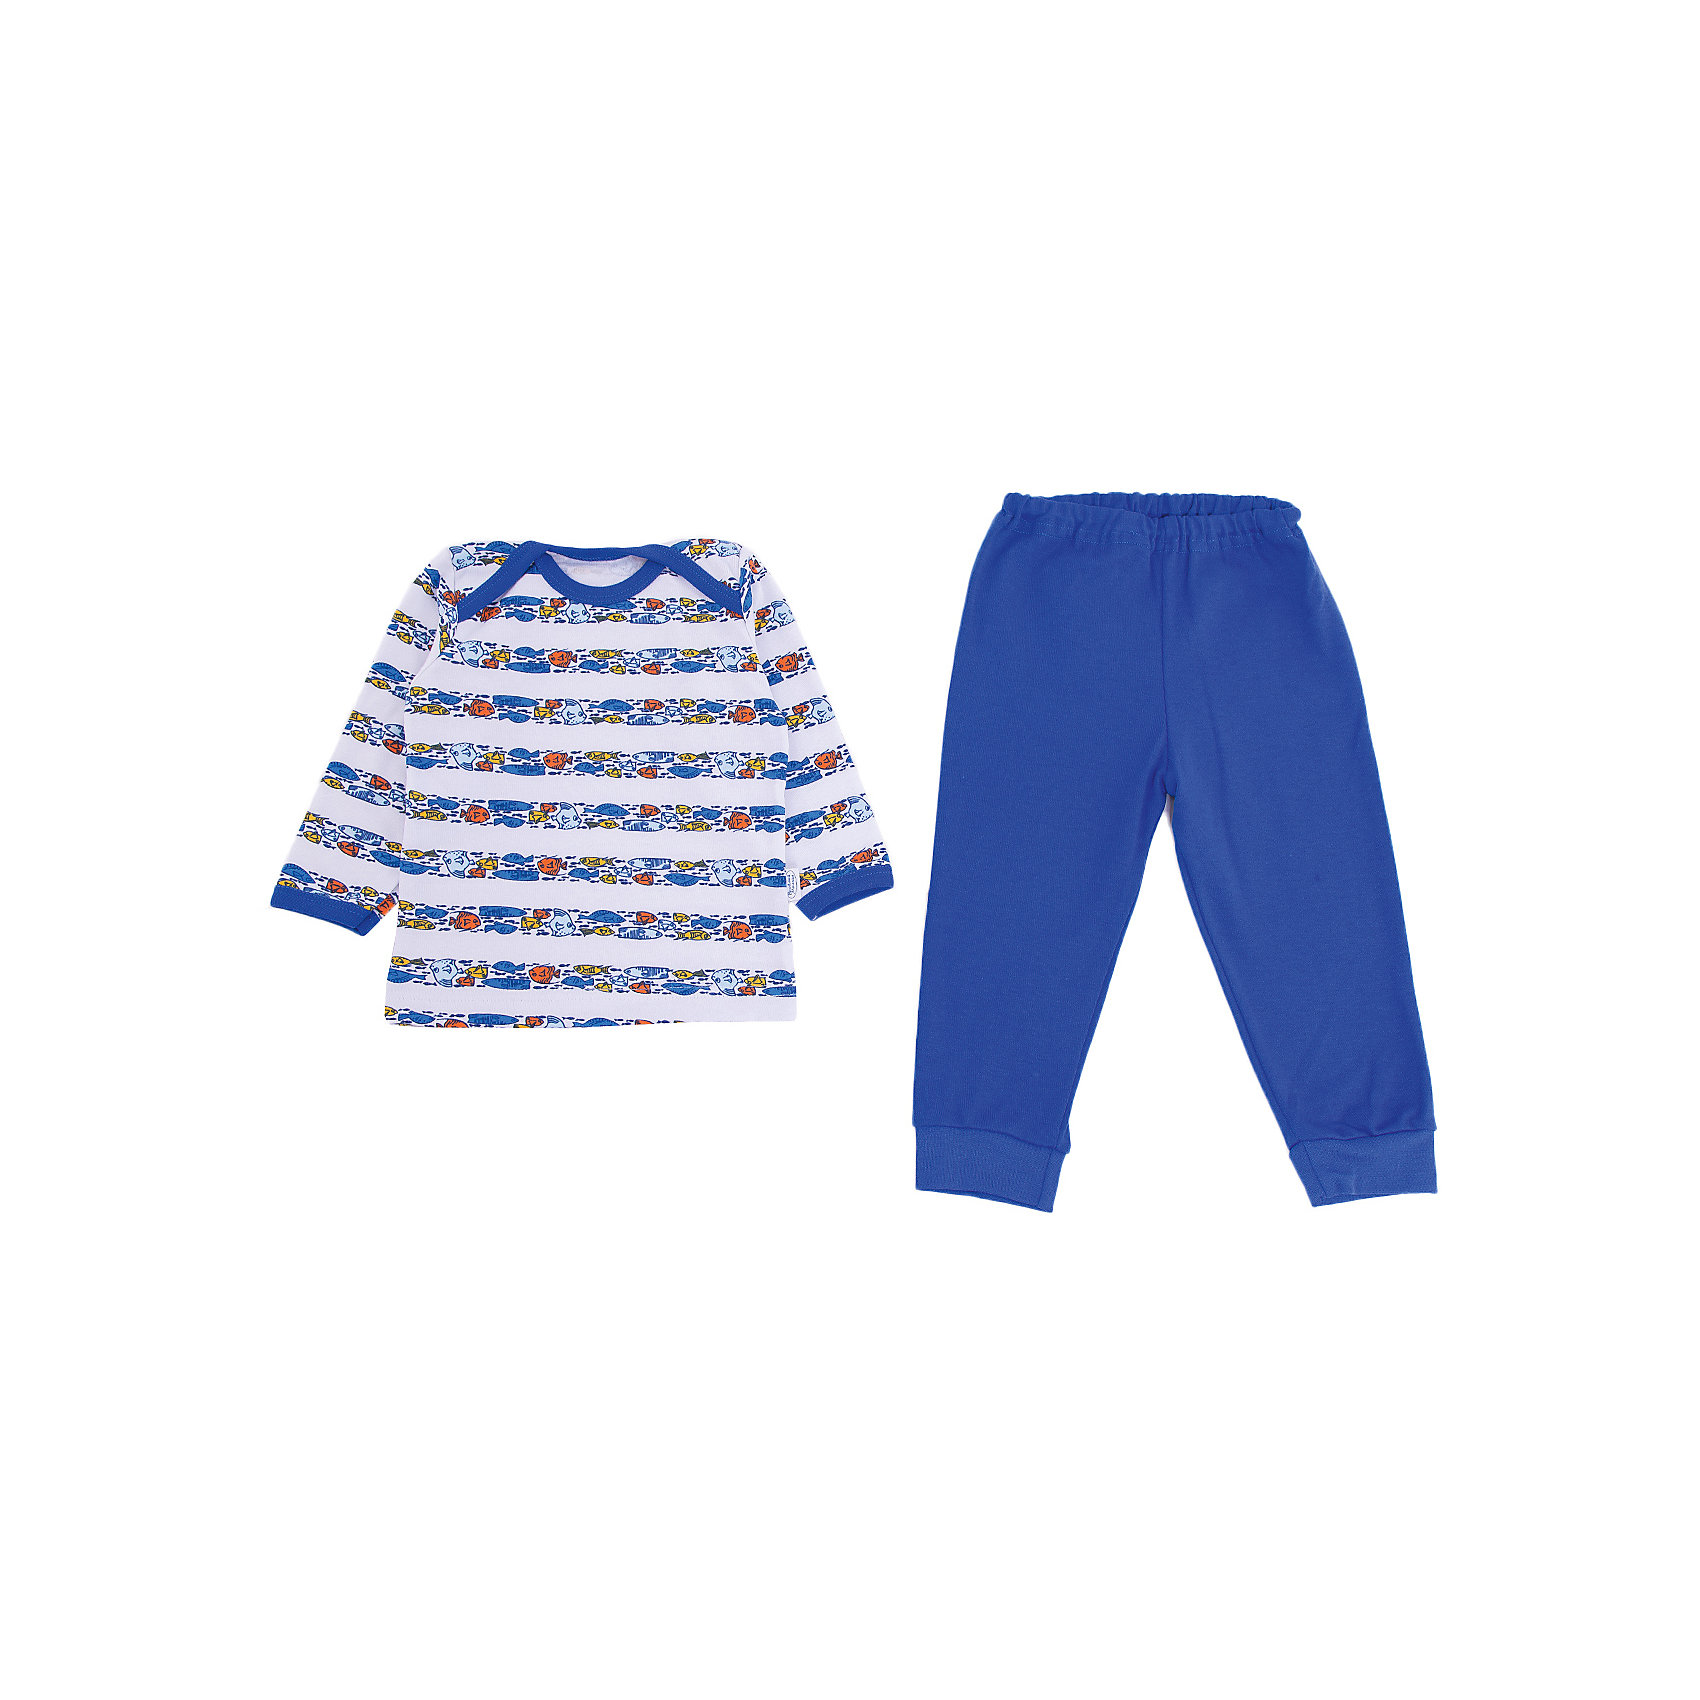 Пижама Веселый малыш для мальчикаПижамы<br>Характеристики товара:<br><br>• цвет: синий<br>• комплектация: лонгслив и брюки<br>• состав ткани: 100% хлопок<br>• подкладка: нет<br>• сезон: круглый год<br>• длинные рукава<br>• пояс: резинка<br>• страна бренда: Россия<br>• страна изготовитель: Россия<br><br>Мягкая детская пижама состоит из удобного лонгслива и брюк. Хлопковая пижама для детей сделана из мягкого эластичного материала. Хлопок делает эту пижаму для ребенка очень комфортной. Материал детской пижамы позволяет коже дышать, он приятен на ощупь и не вызывает аллергии. <br><br>Пижаму Веселый малыш для мальчика можно купить в нашем интернет-магазине.<br><br>Ширина мм: 281<br>Глубина мм: 70<br>Высота мм: 188<br>Вес г: 295<br>Цвет: синий<br>Возраст от месяцев: 12<br>Возраст до месяцев: 18<br>Пол: Мужской<br>Возраст: Детский<br>Размер: 86,68,74,80<br>SKU: 7053408